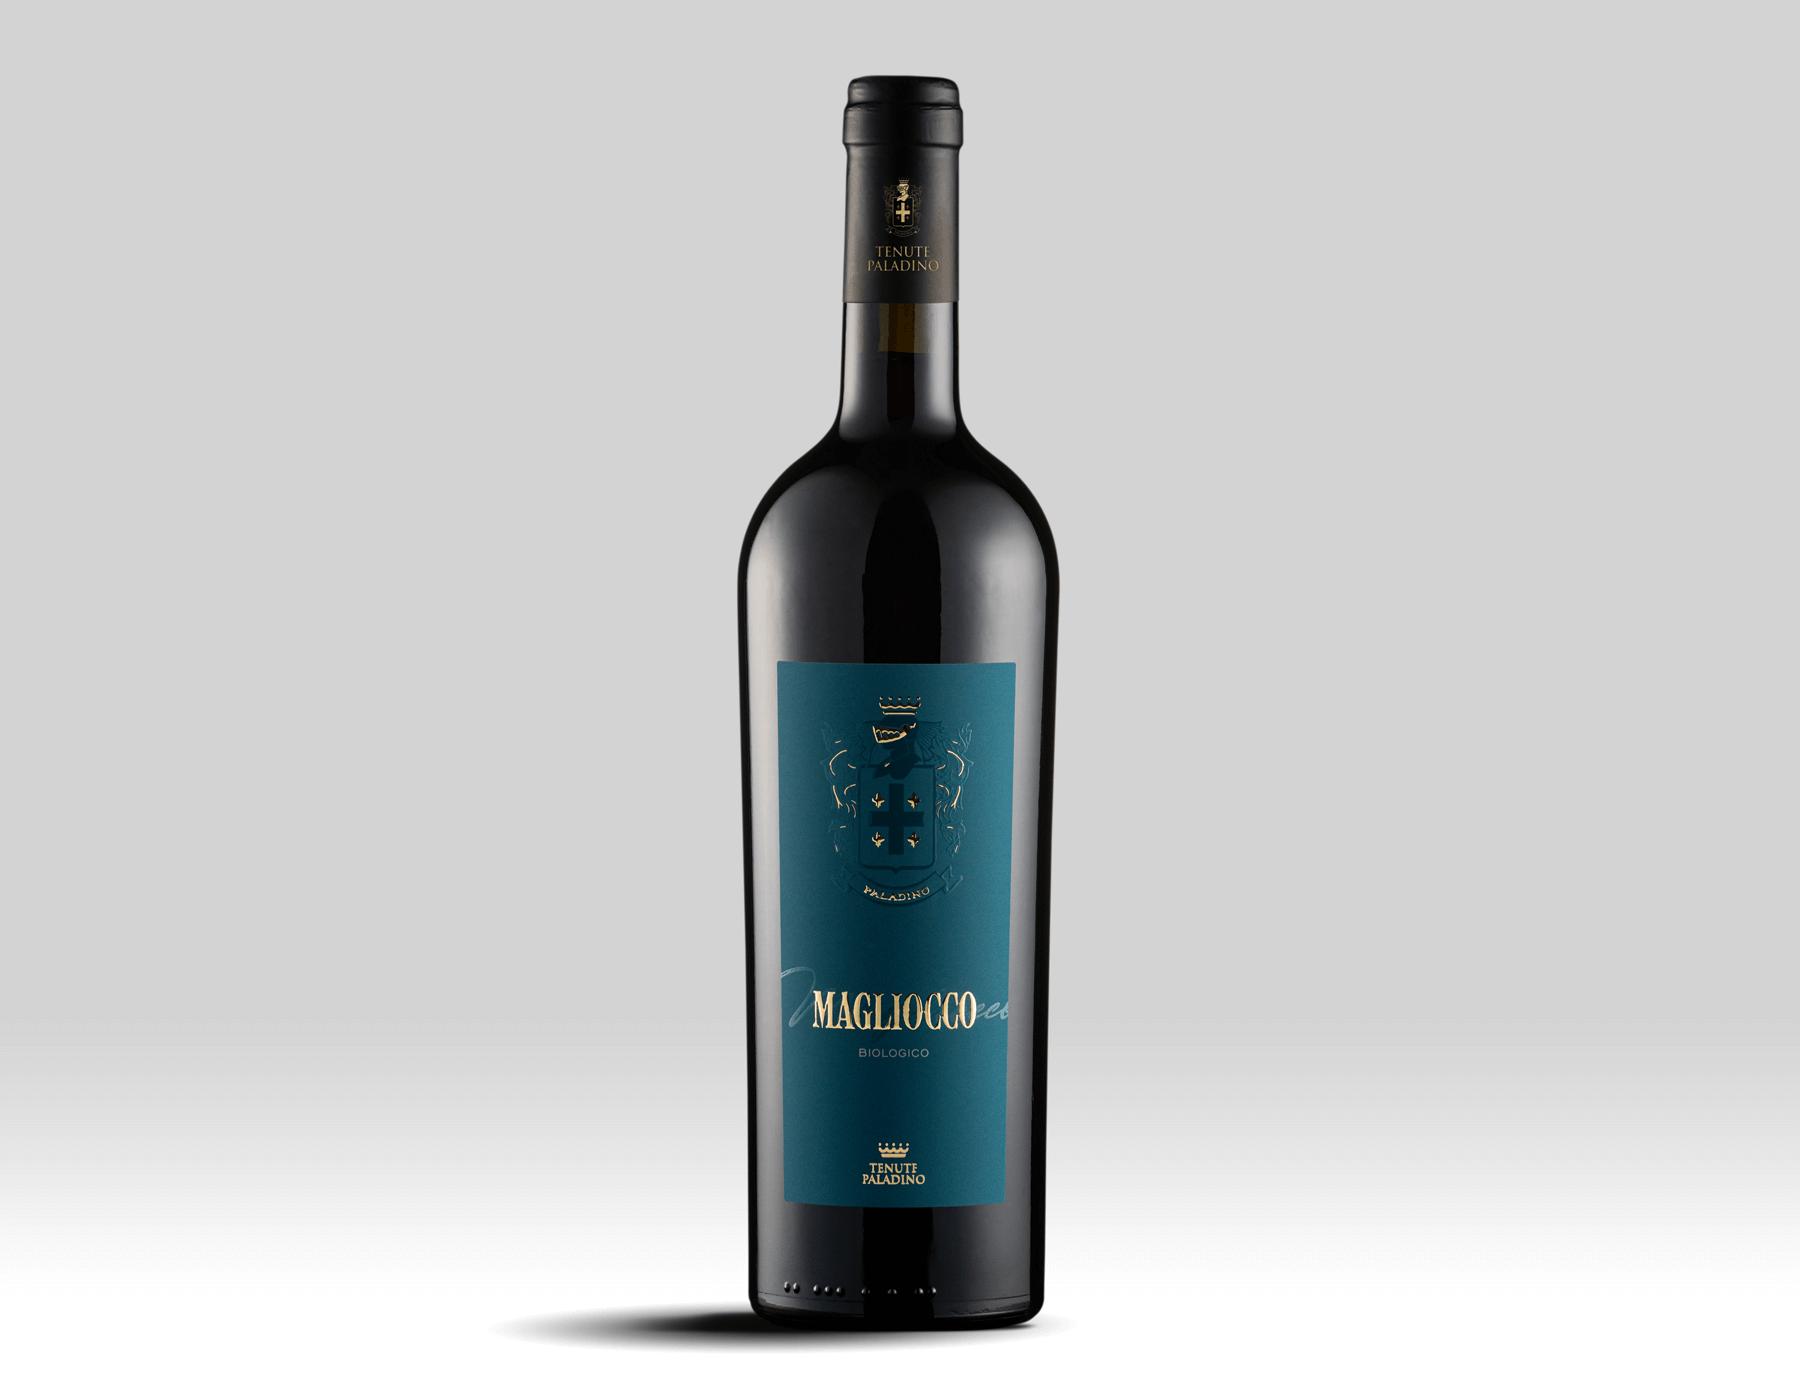 Studio La Regina - vini bio Tenute Paladino magliocco